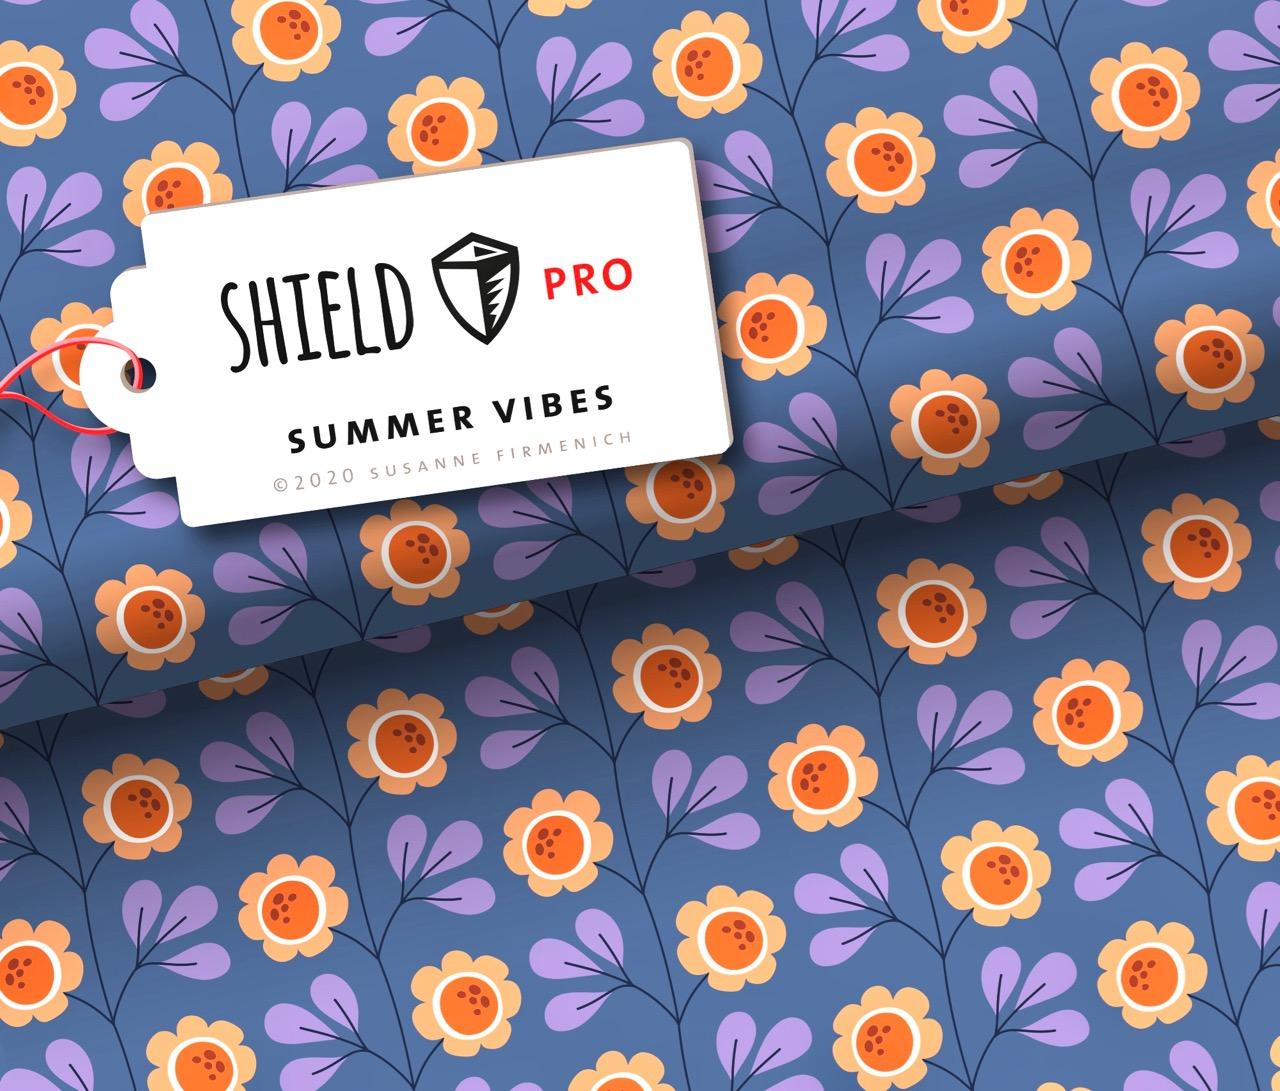 Shield Pro - Summer Vibes Blau von Hamburger Liebe & Albstoffe - antimikrobiell für Atem-und Mundmasken!